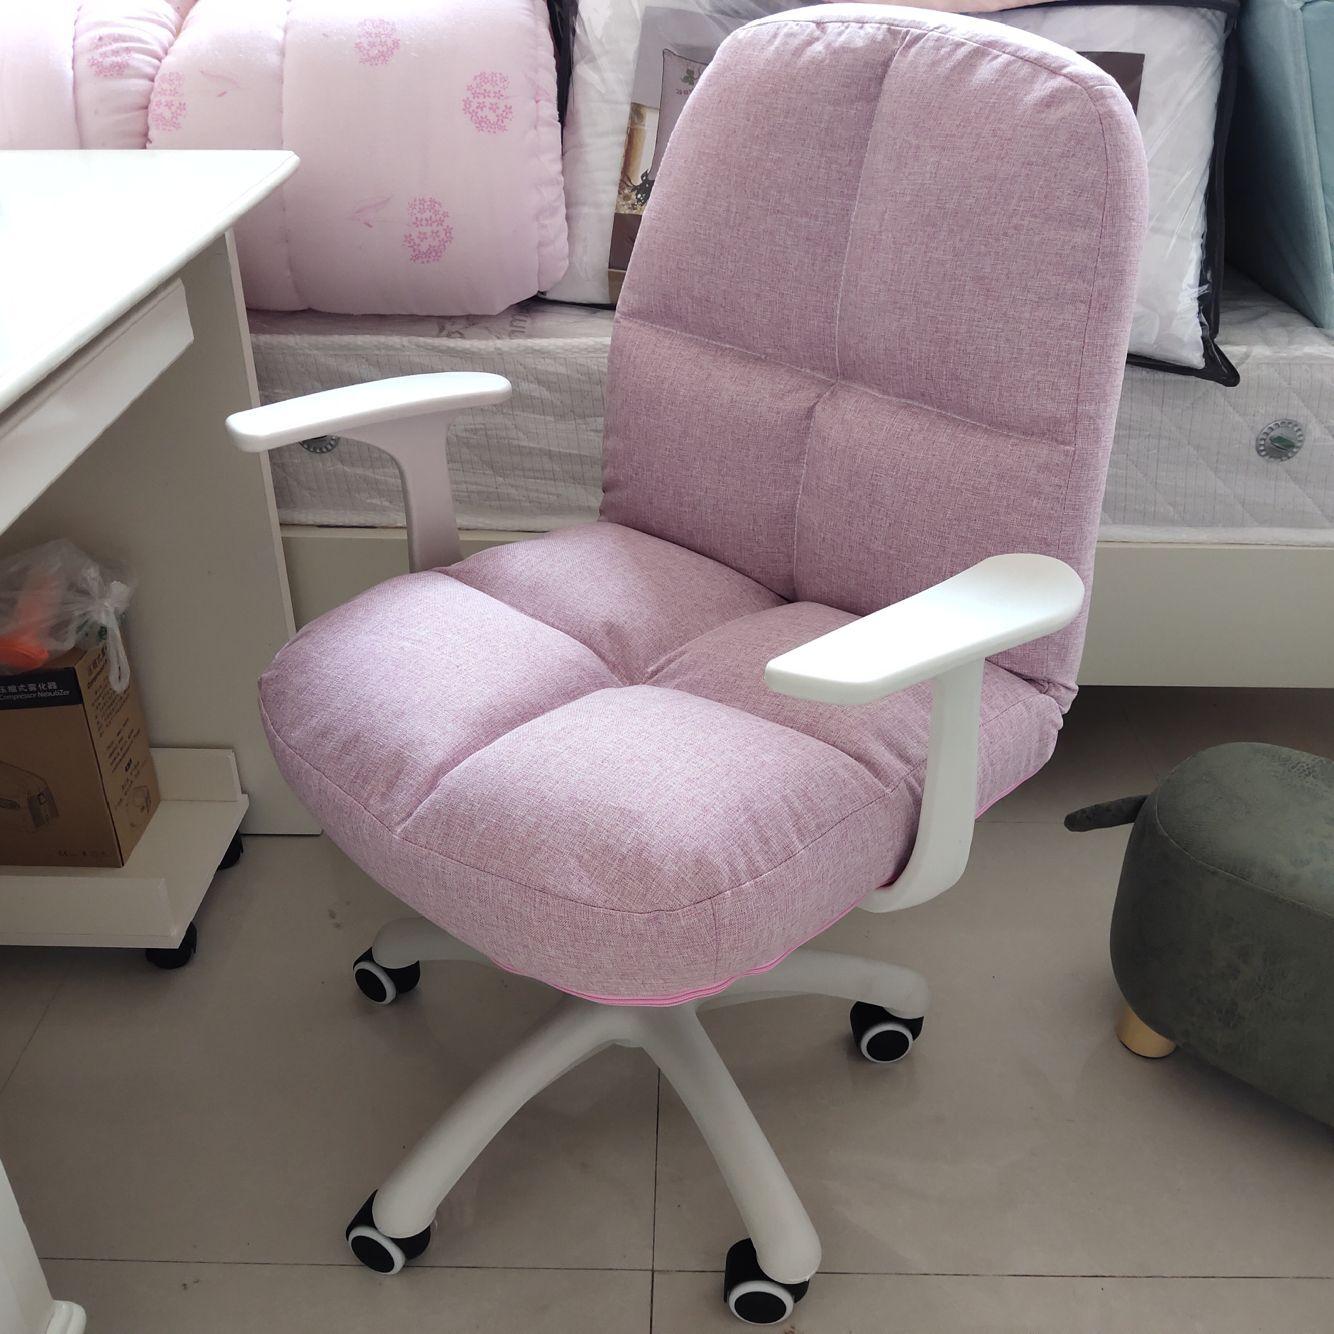 小空间电脑椅子学生宿舍学习沙发椅书房网红椅升降旋转写字椅家用券后138.60元